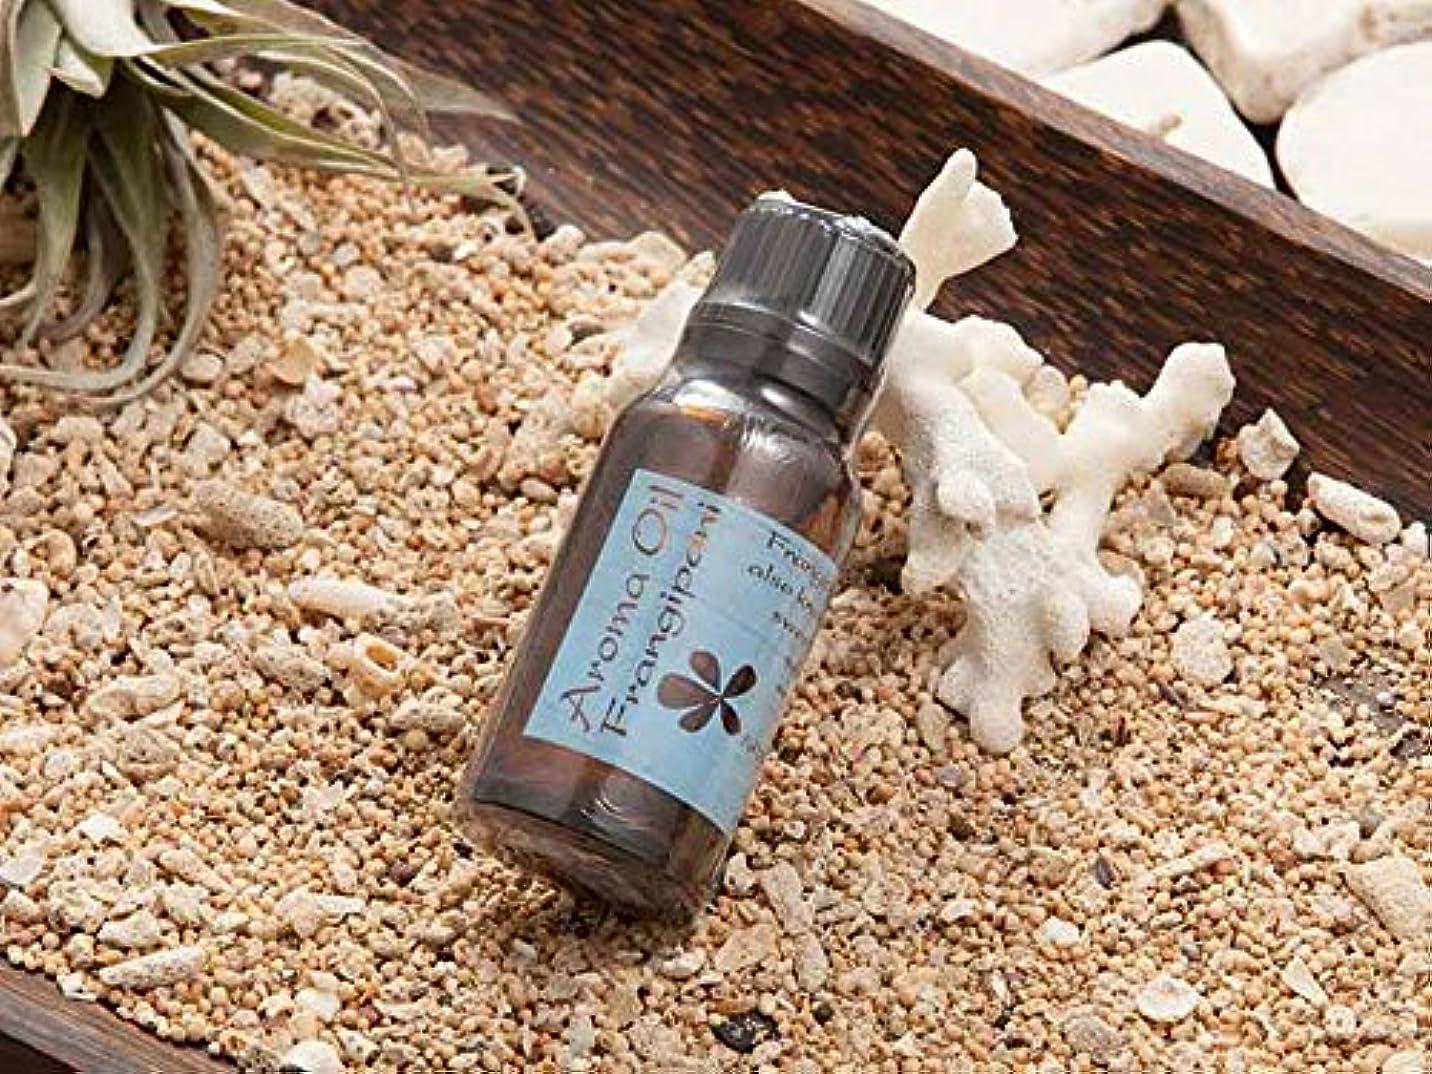 ブレンドハウジングその寛ぎのひと時にアジアンな癒しの香りを アロマフレグランスオイル 5種の香り (アラムセンポールALAM ZEMPOL) (Frangipani フランジパニ)